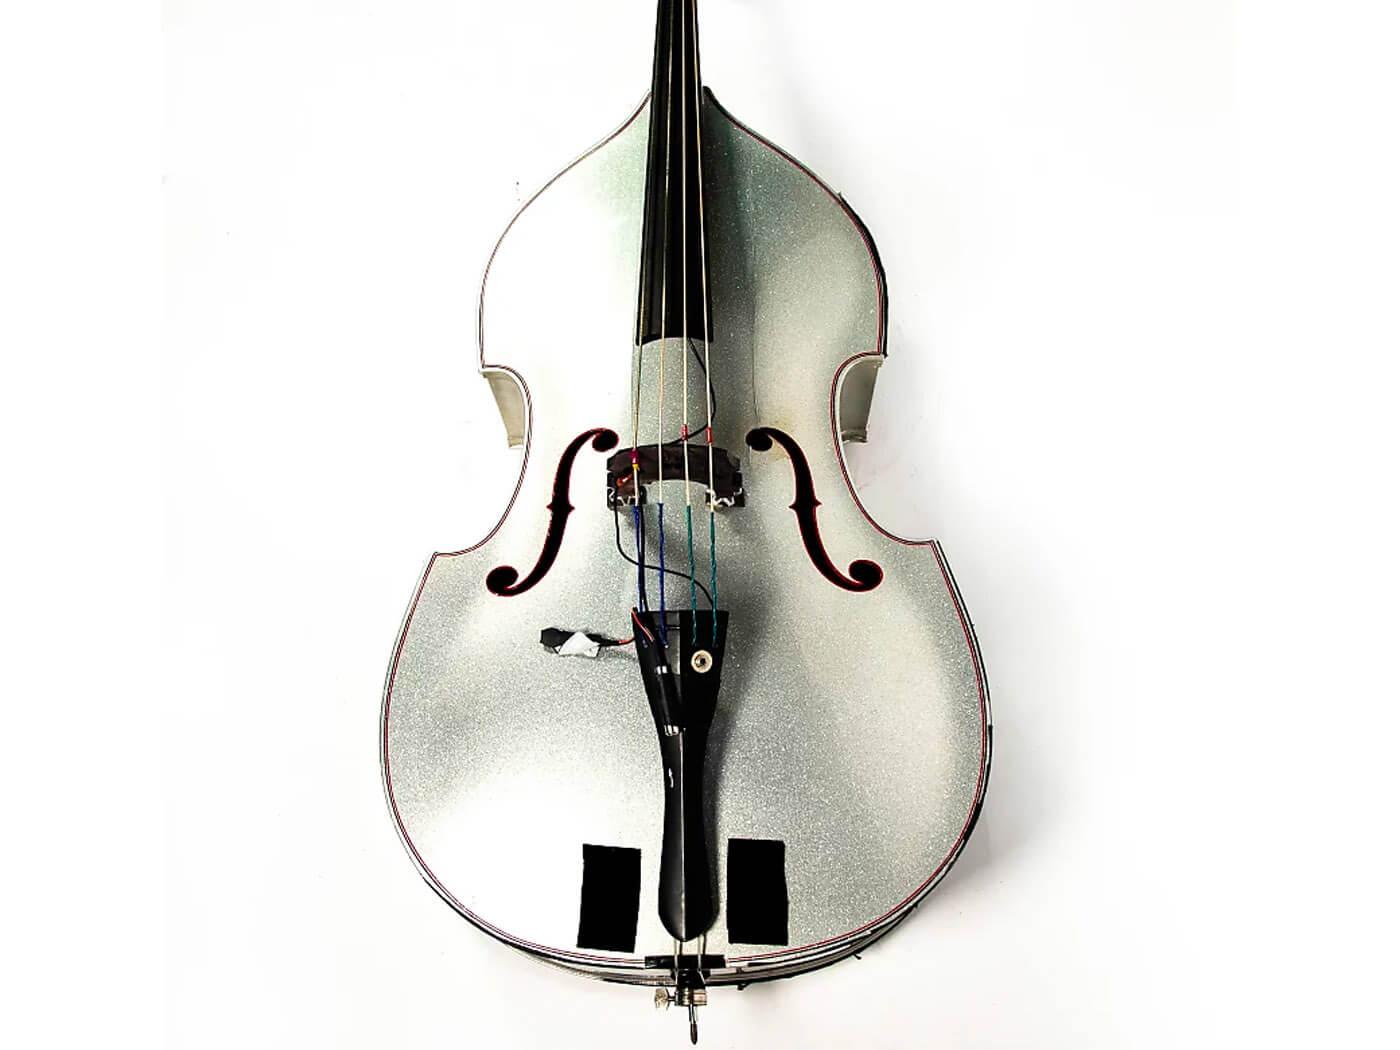 Silver Sparkle Upright Bass